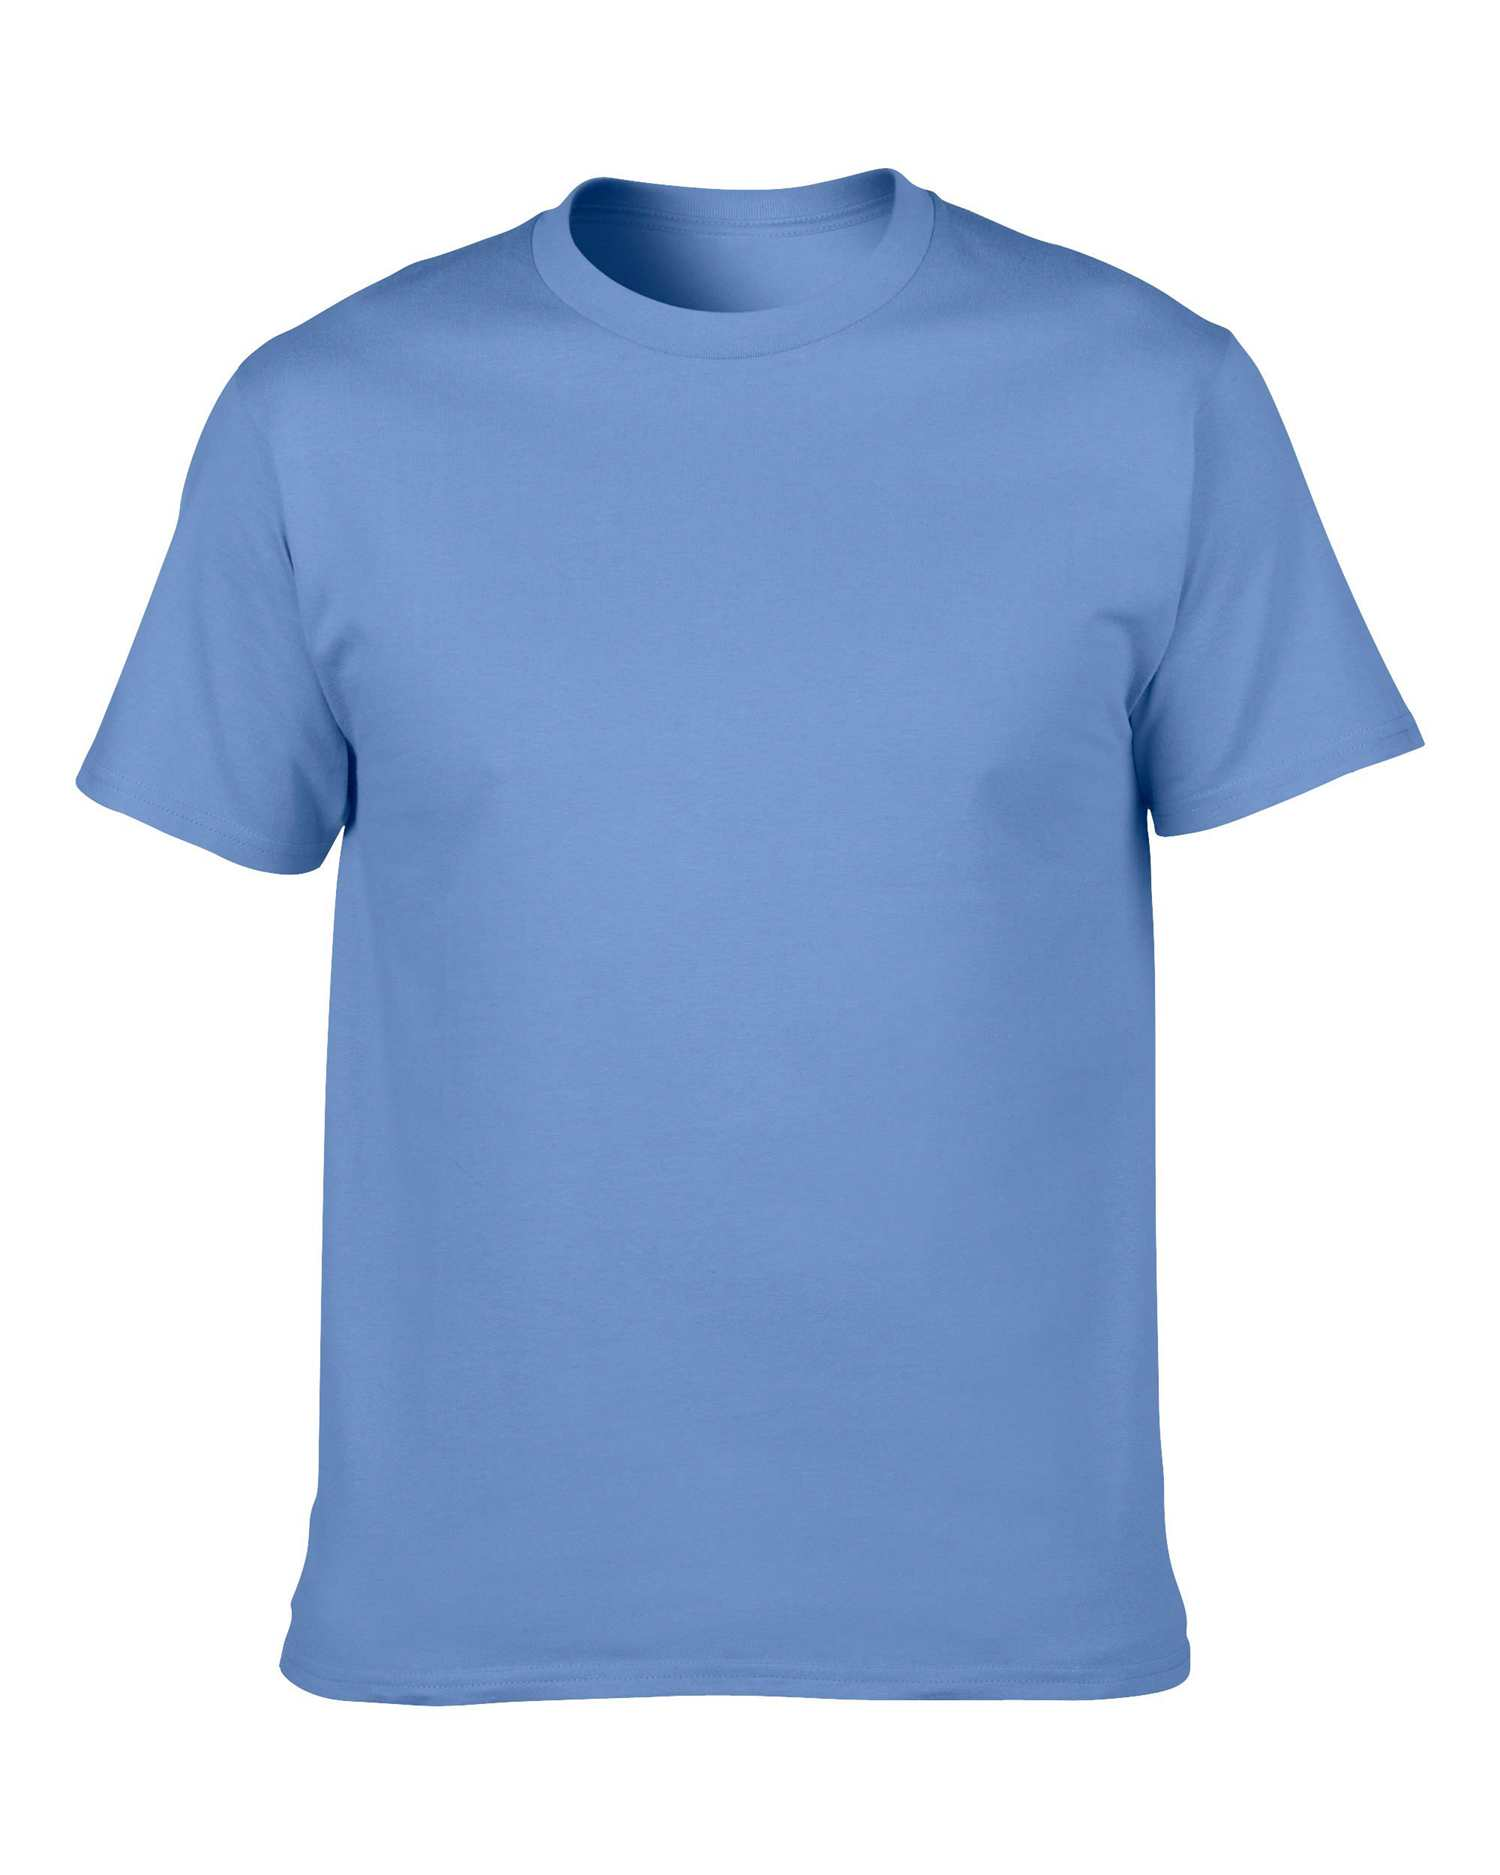 网上定制t恤多少钱?定制T恤的价格